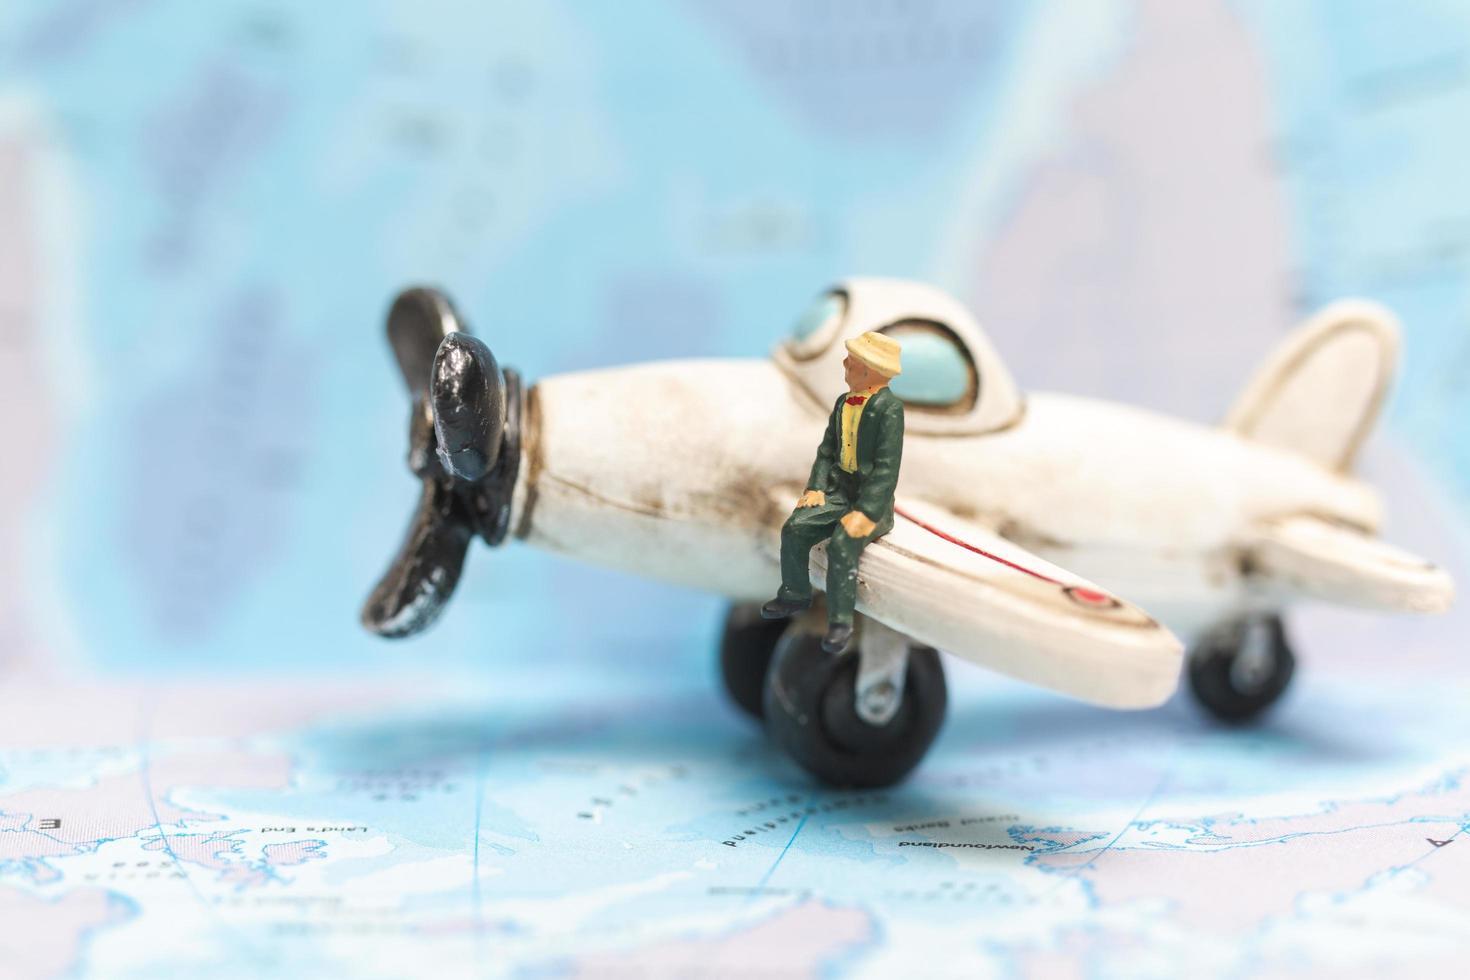 miniatyrperson som sitter på ett flygplan med en världskartabakgrund, resekoncept foto